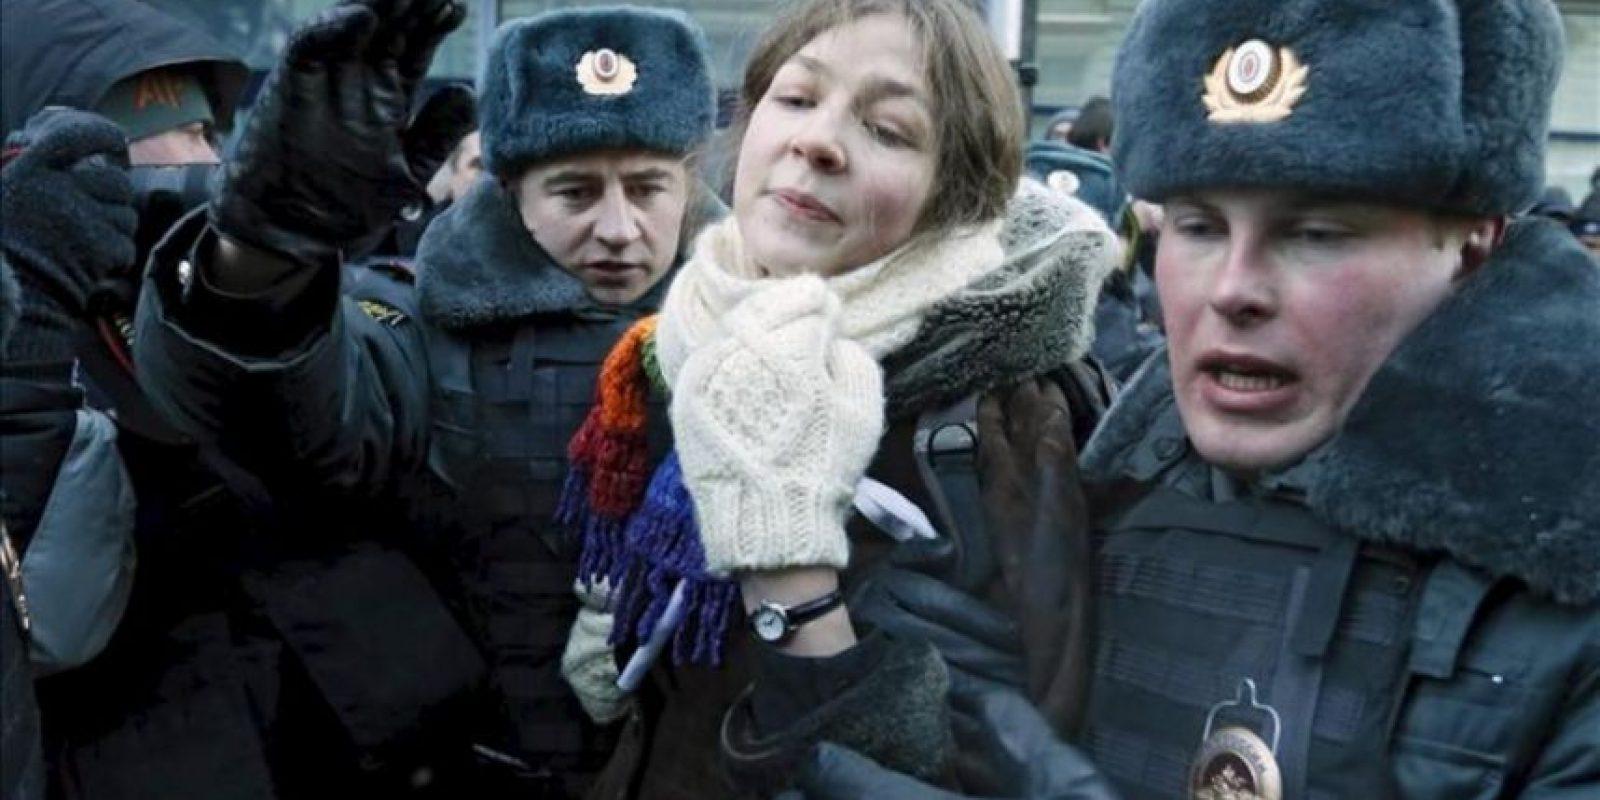 Agentes de policía detienen a una manifestante durante los enfrentamientos ocurridos durante una protesta frente a la Duma o cámara de diputados, en Moscú, Rusia. EFE